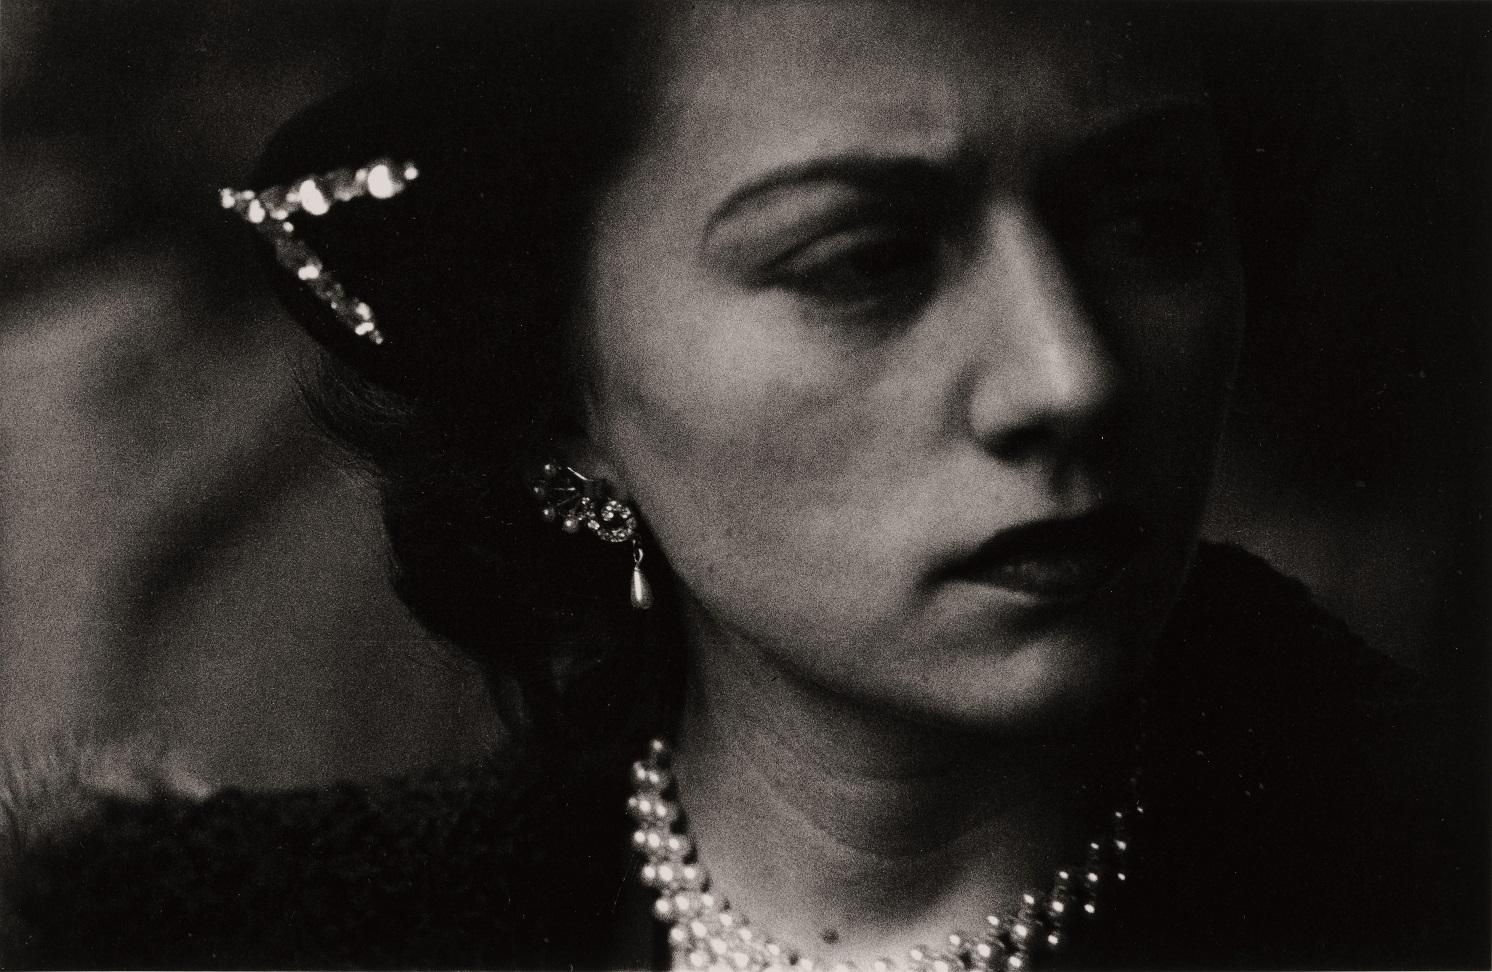 Harry Callahan, Chicago (Mujeres ensimismadas), 1950. Colecciones Fundación MAPFRE. © The Estate of Harry Callahan, cortesía de Pace/MacGill Gallery, New York.